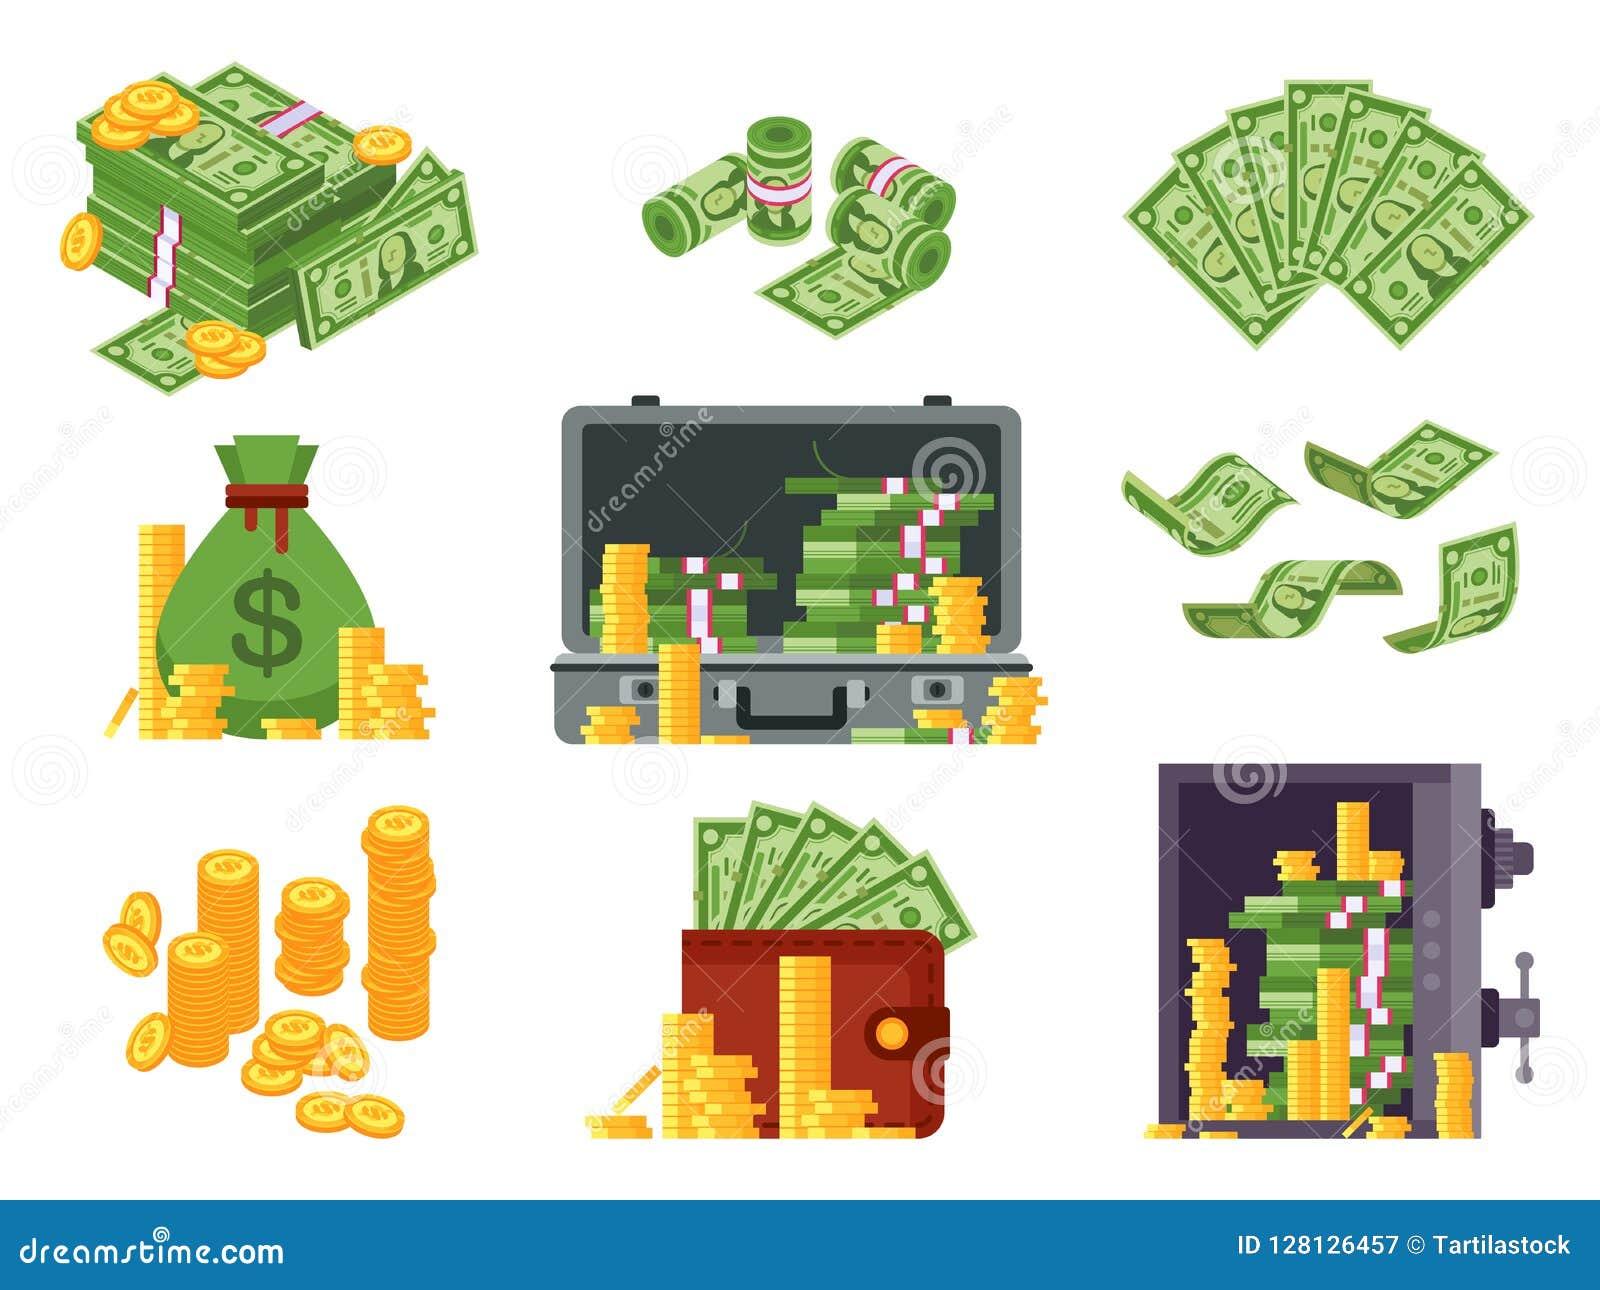 Geldbanknote Wechseln Sie Tasche, Banknoten Geldbörse ein und Dollar häufen im Safe Losdollarstapel und isometrischer Vektor der